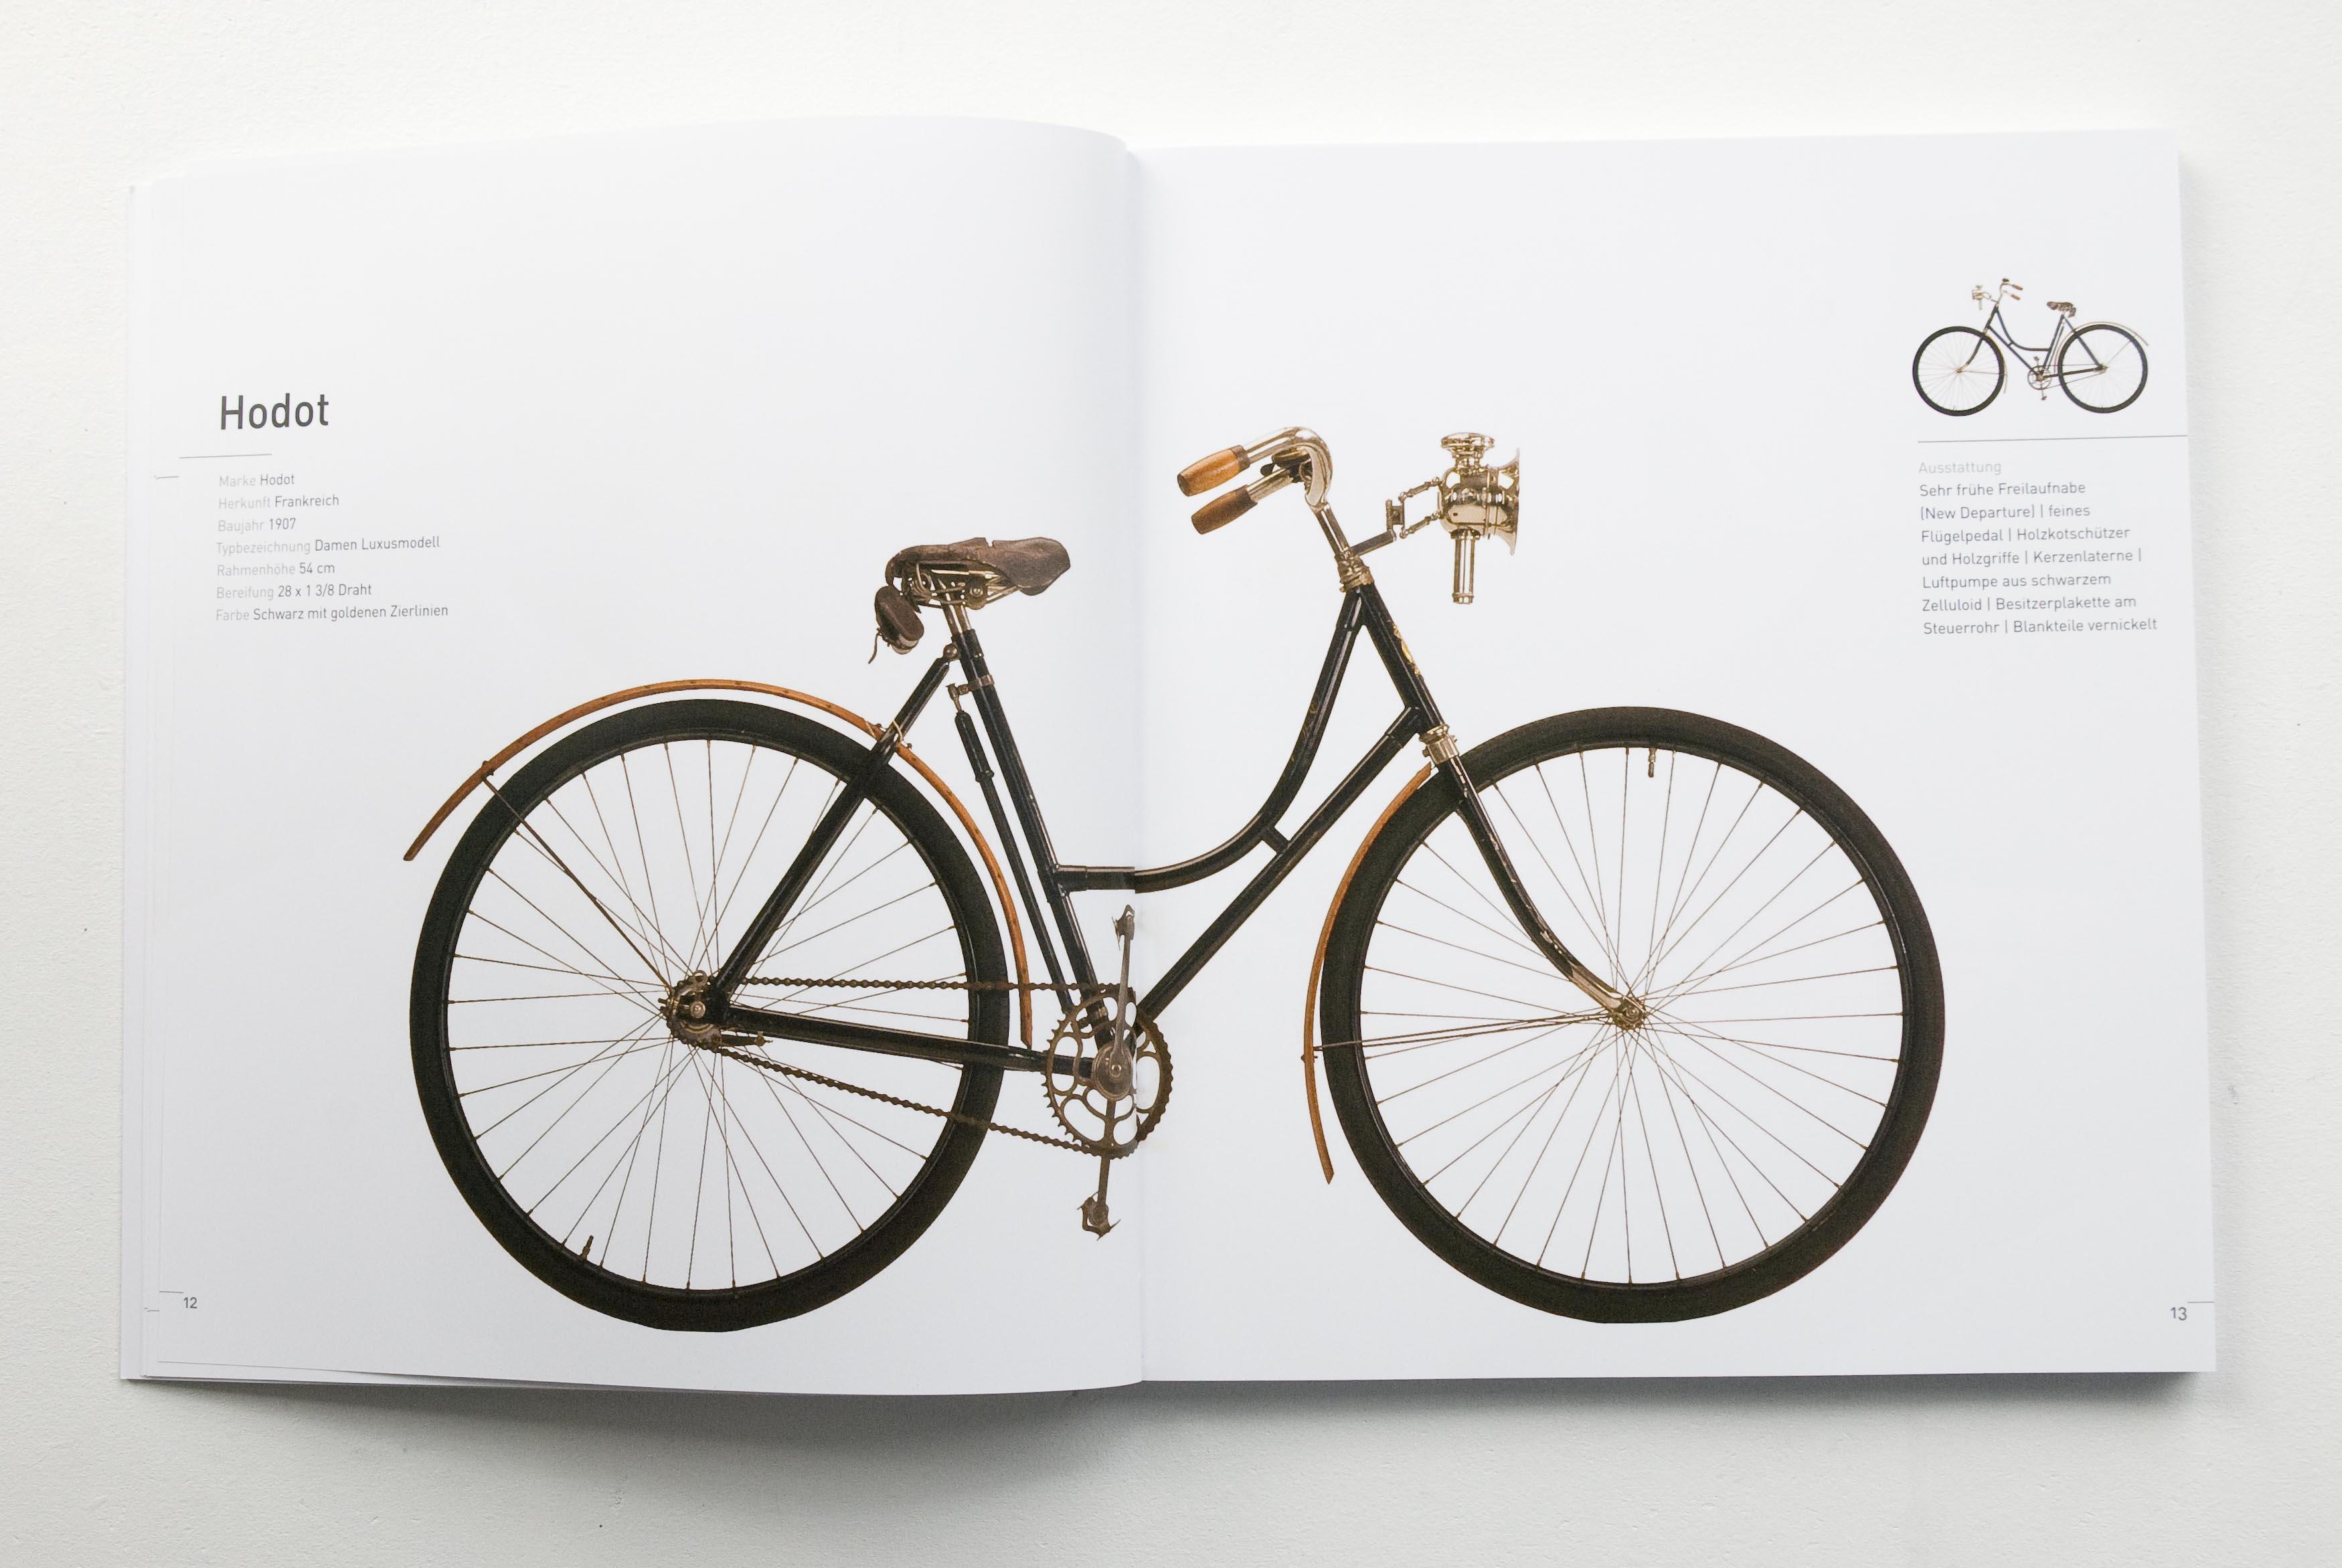 Damenrad der Marke Hodot